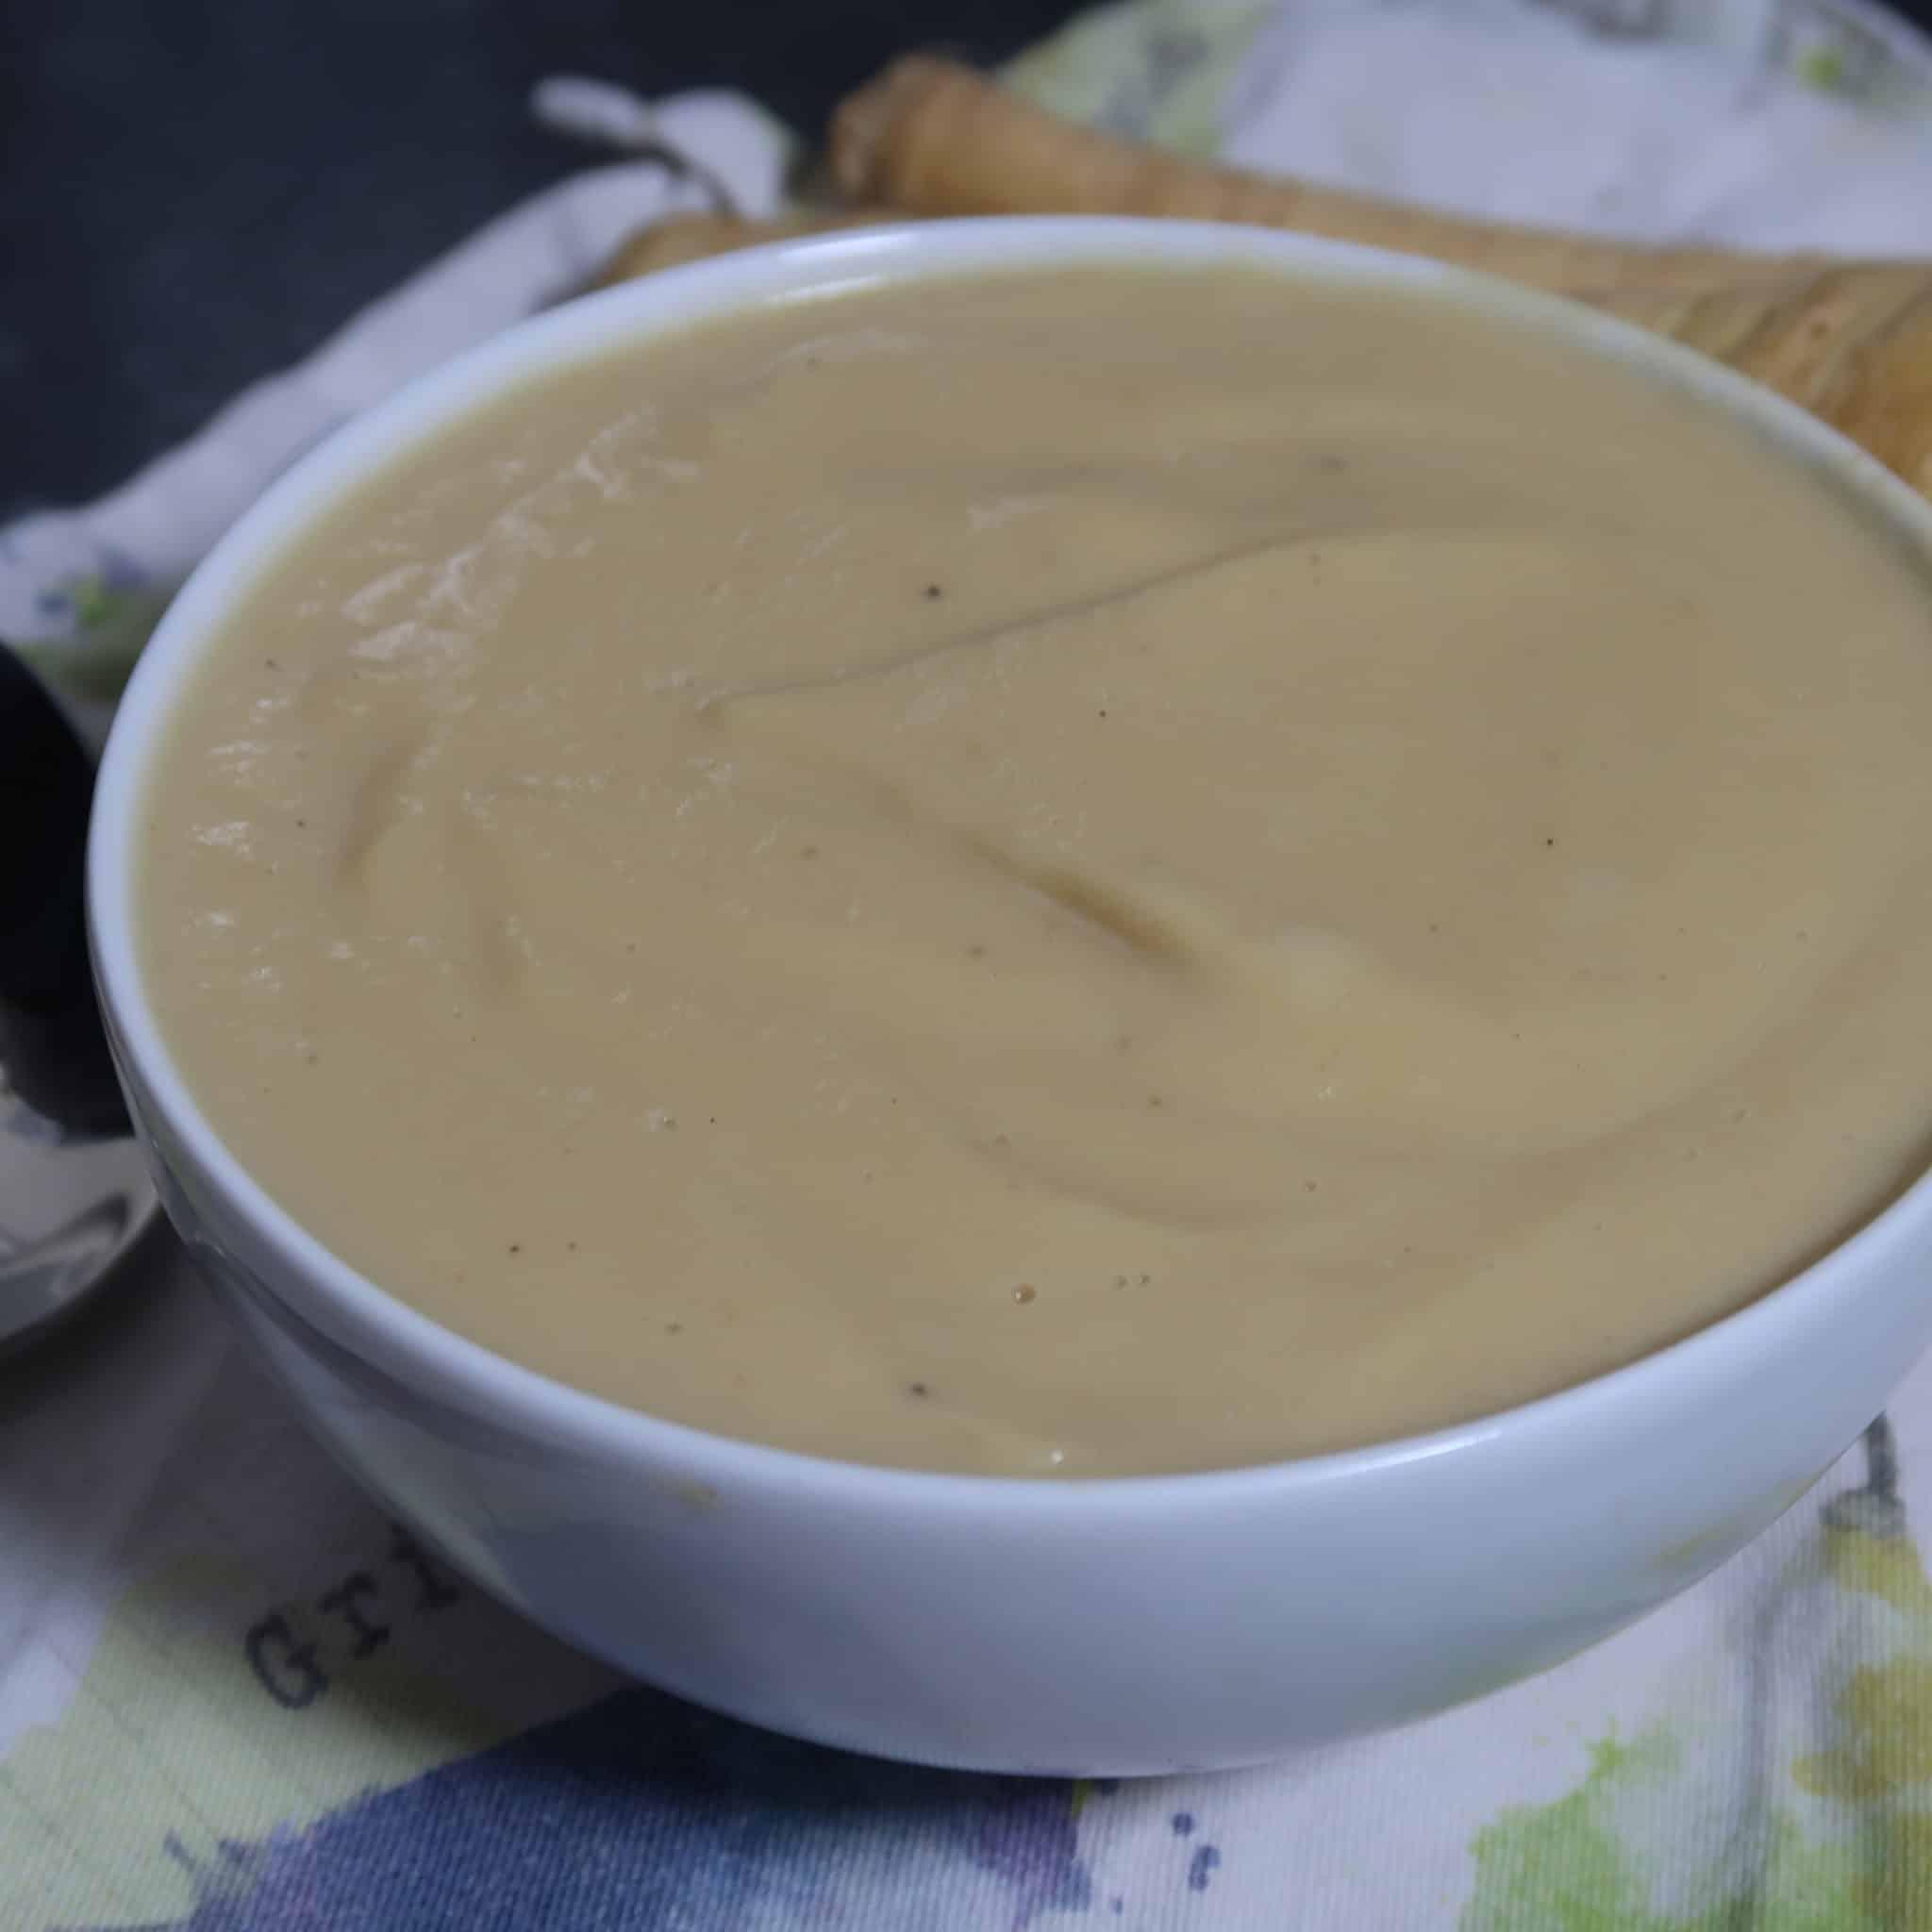 instant pot parsnip soup